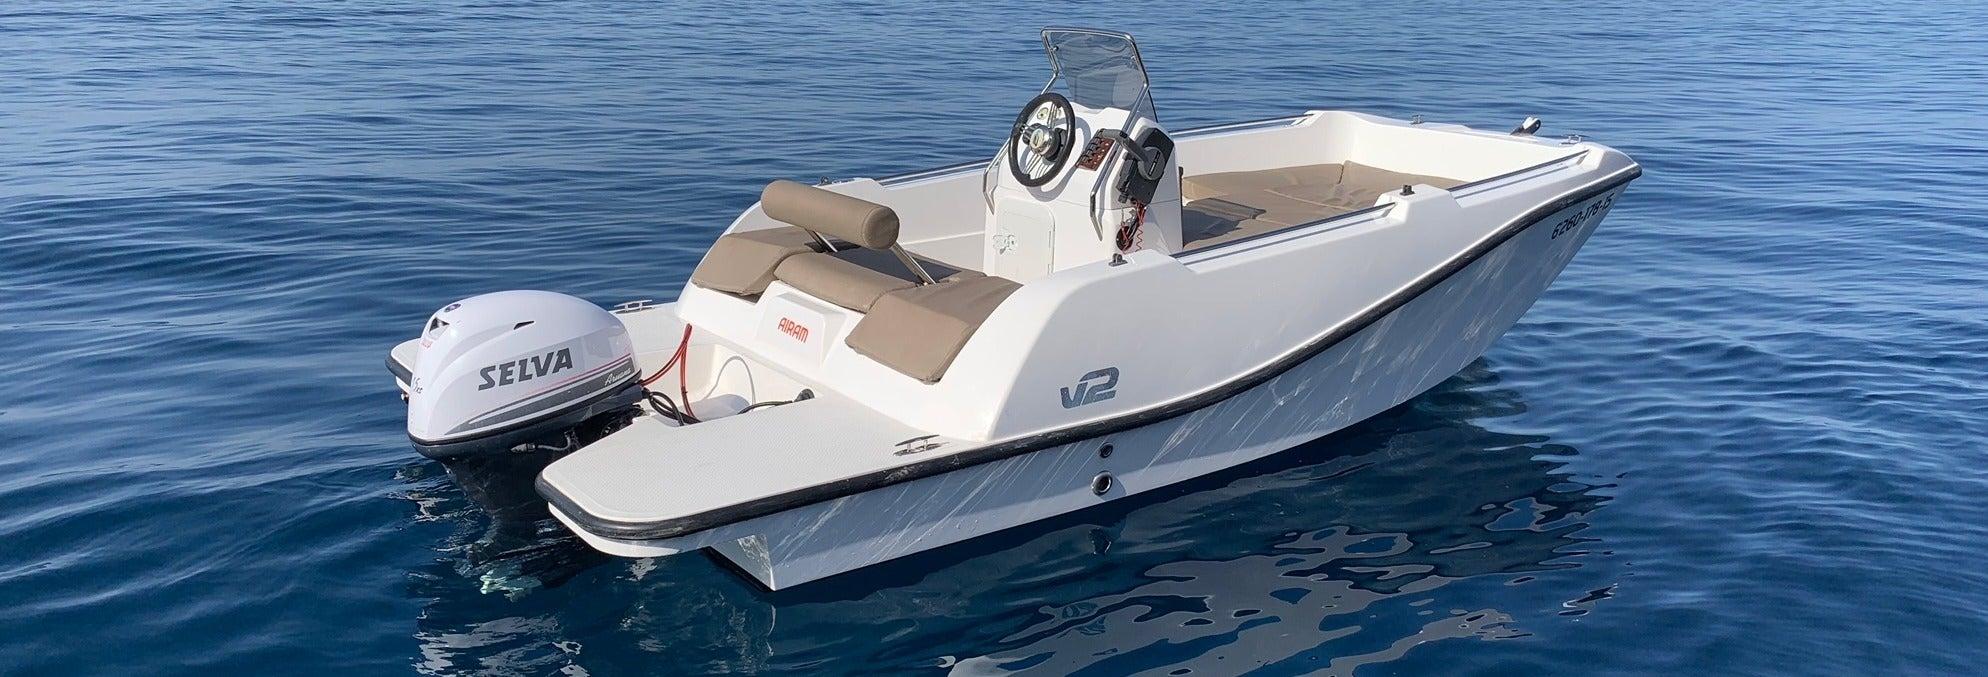 Alquiler de barcos sin licencia en Puerto Andrach